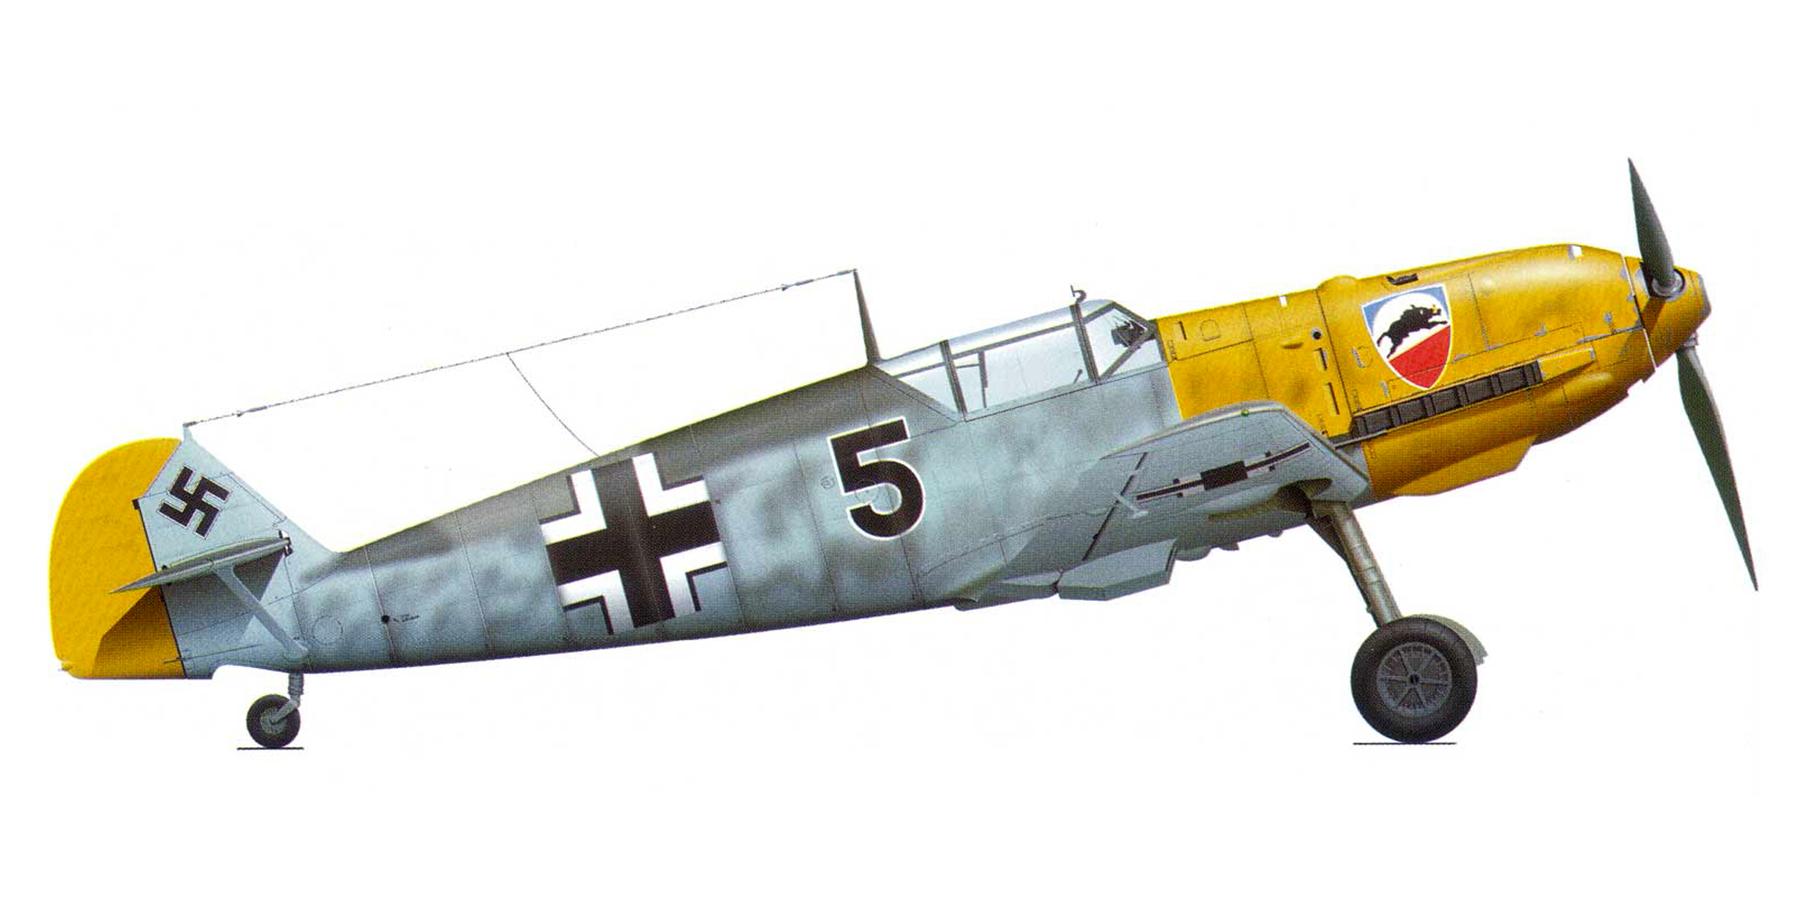 Messerschmitt Bf 109E3 2.JG52 Black 5 Helmut Bennemann Calais France 1940 0A